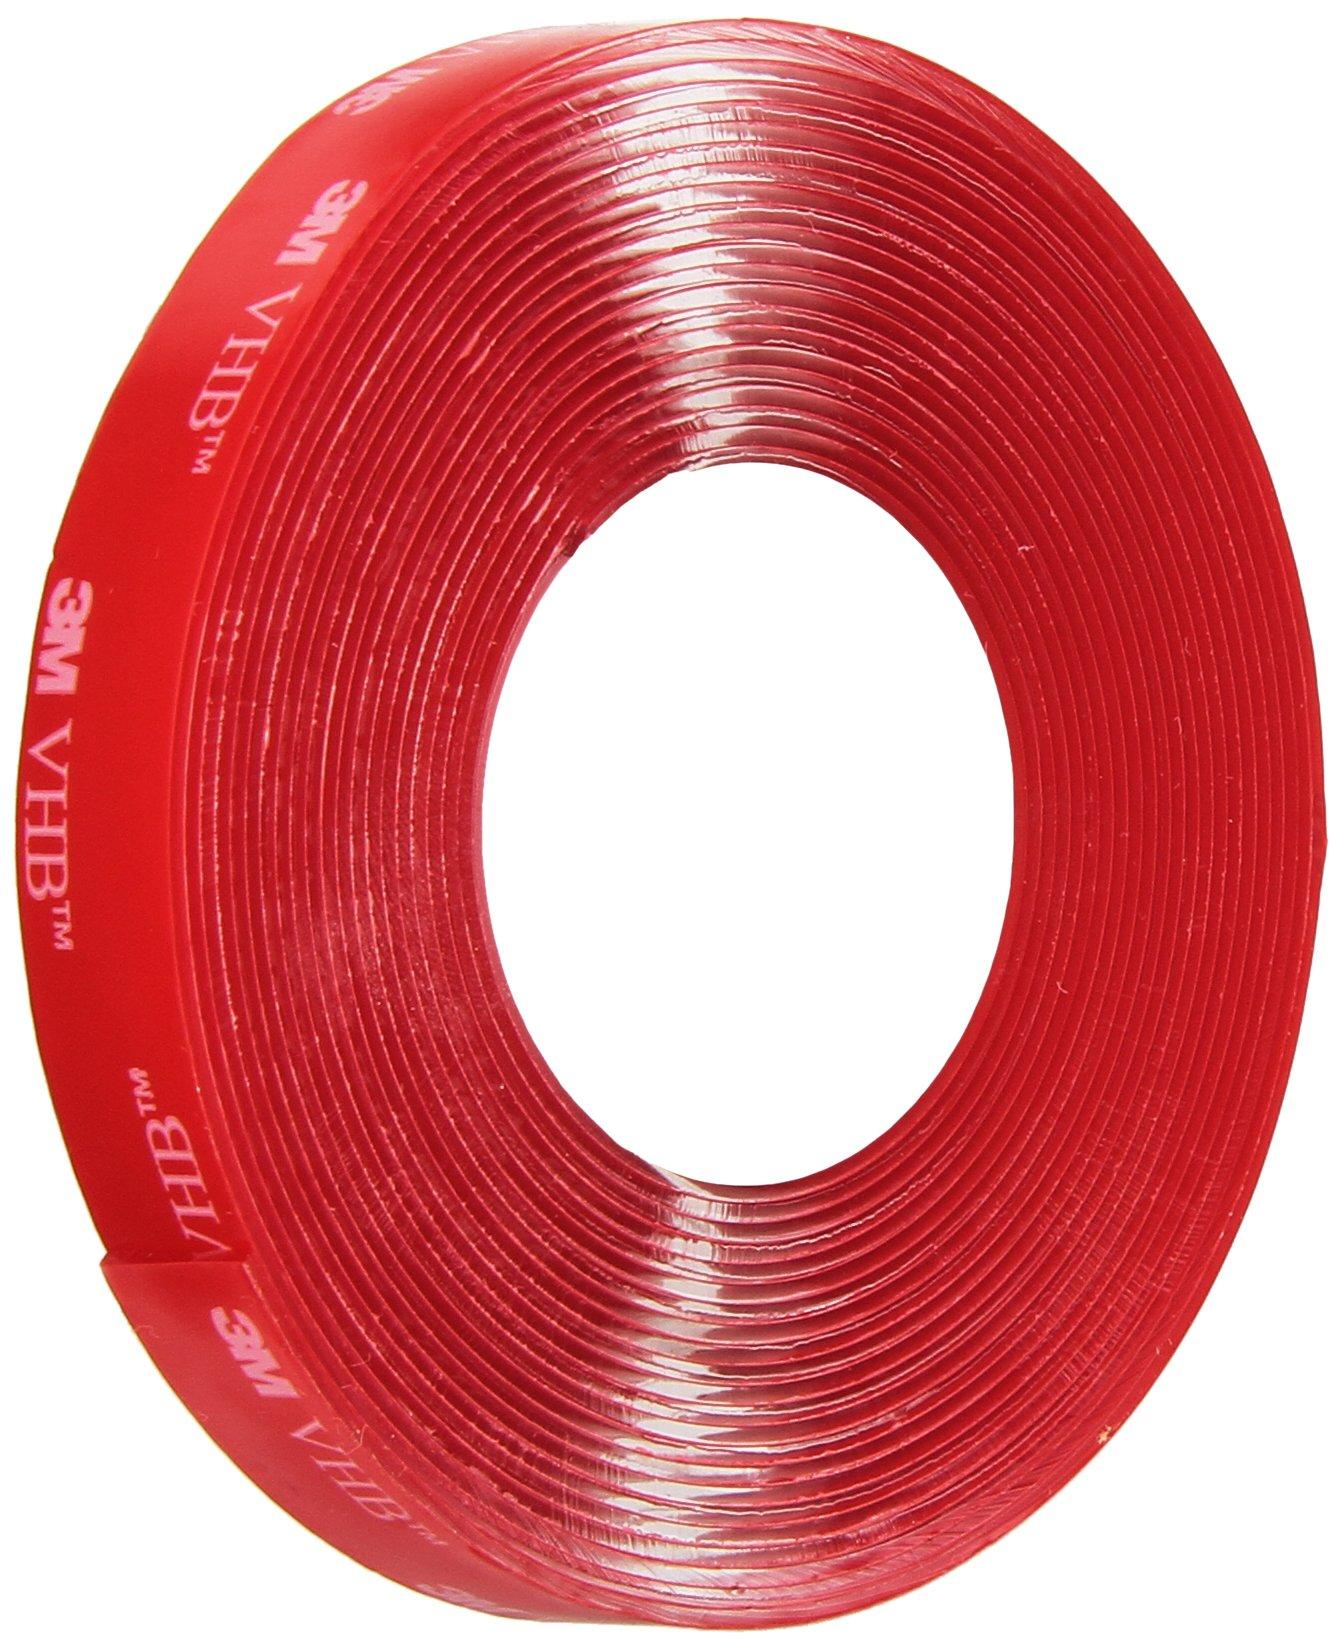 3M VHB Heavy Duty Mounting Tape 4910, Clear, 0.5 in width x 5 yd length (1 Roll)